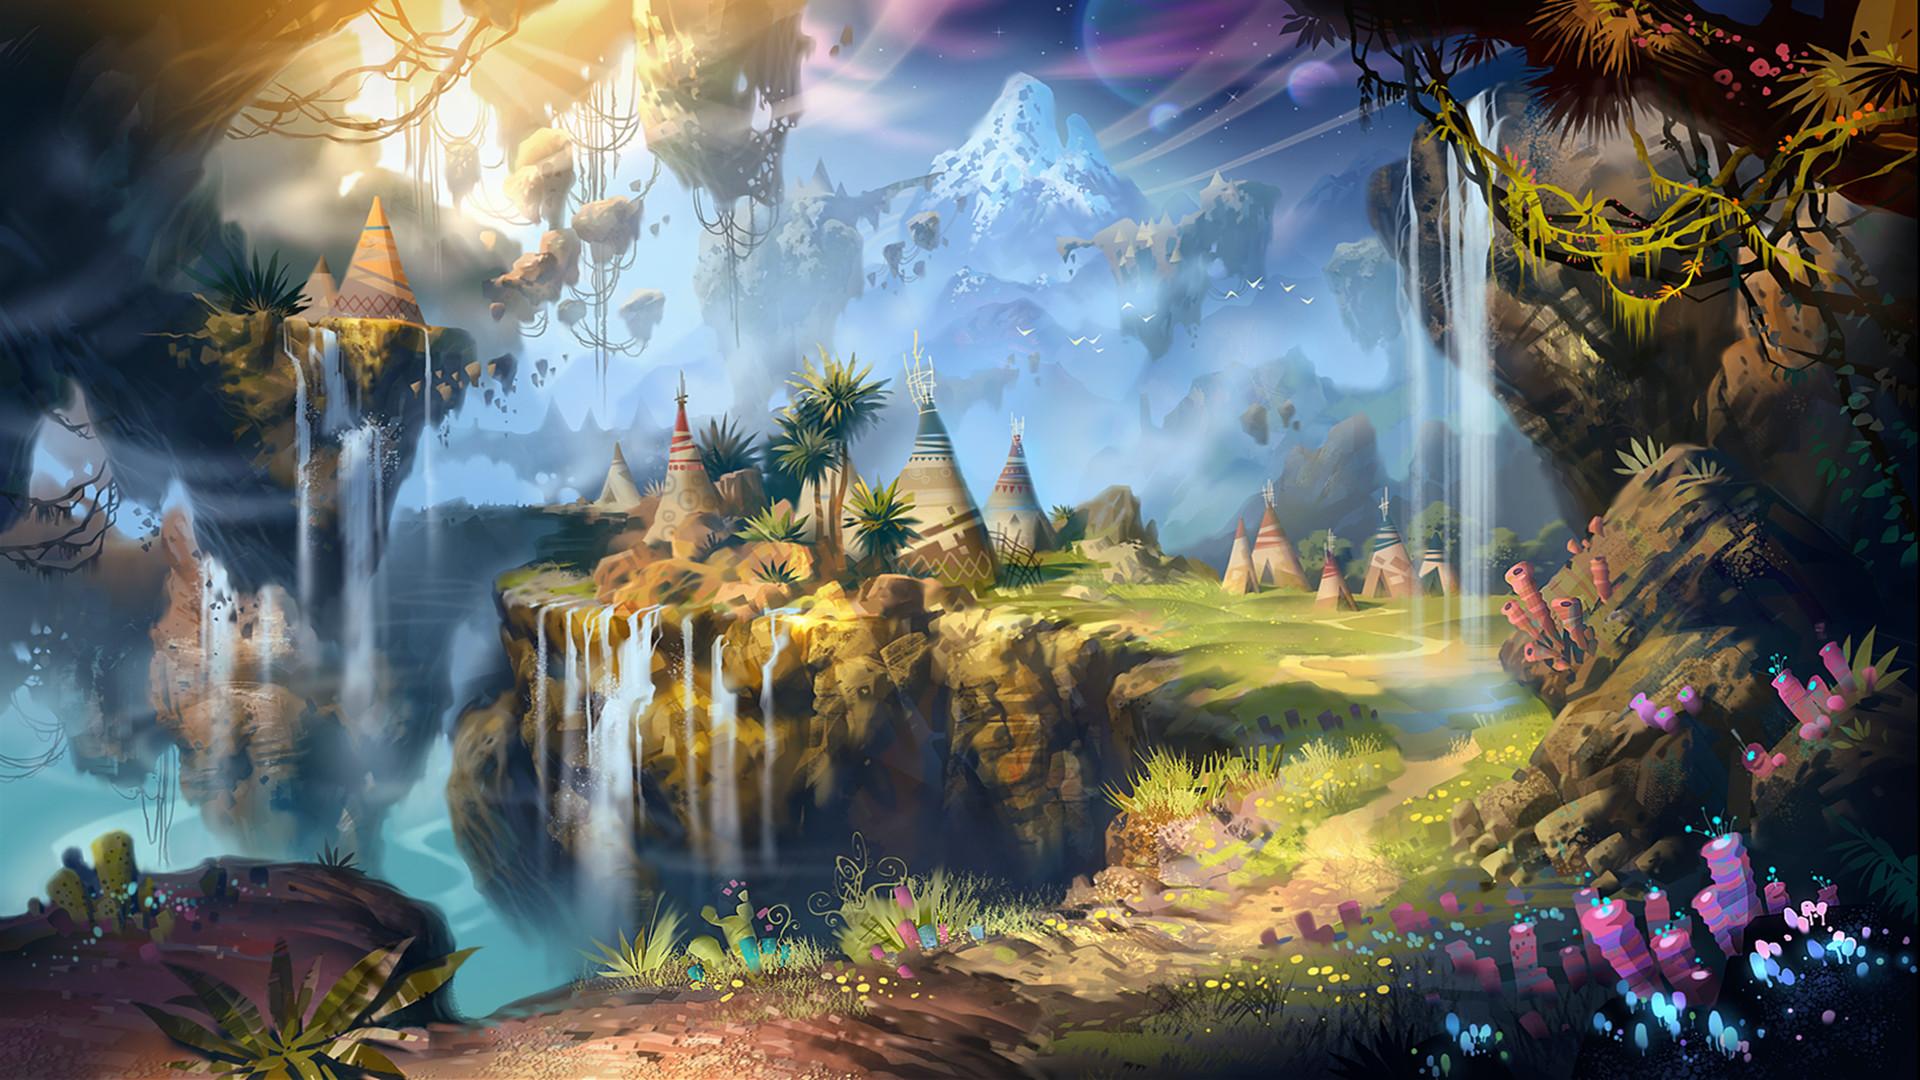 1920x1080 Fantasy - Landschaft Wallpaper